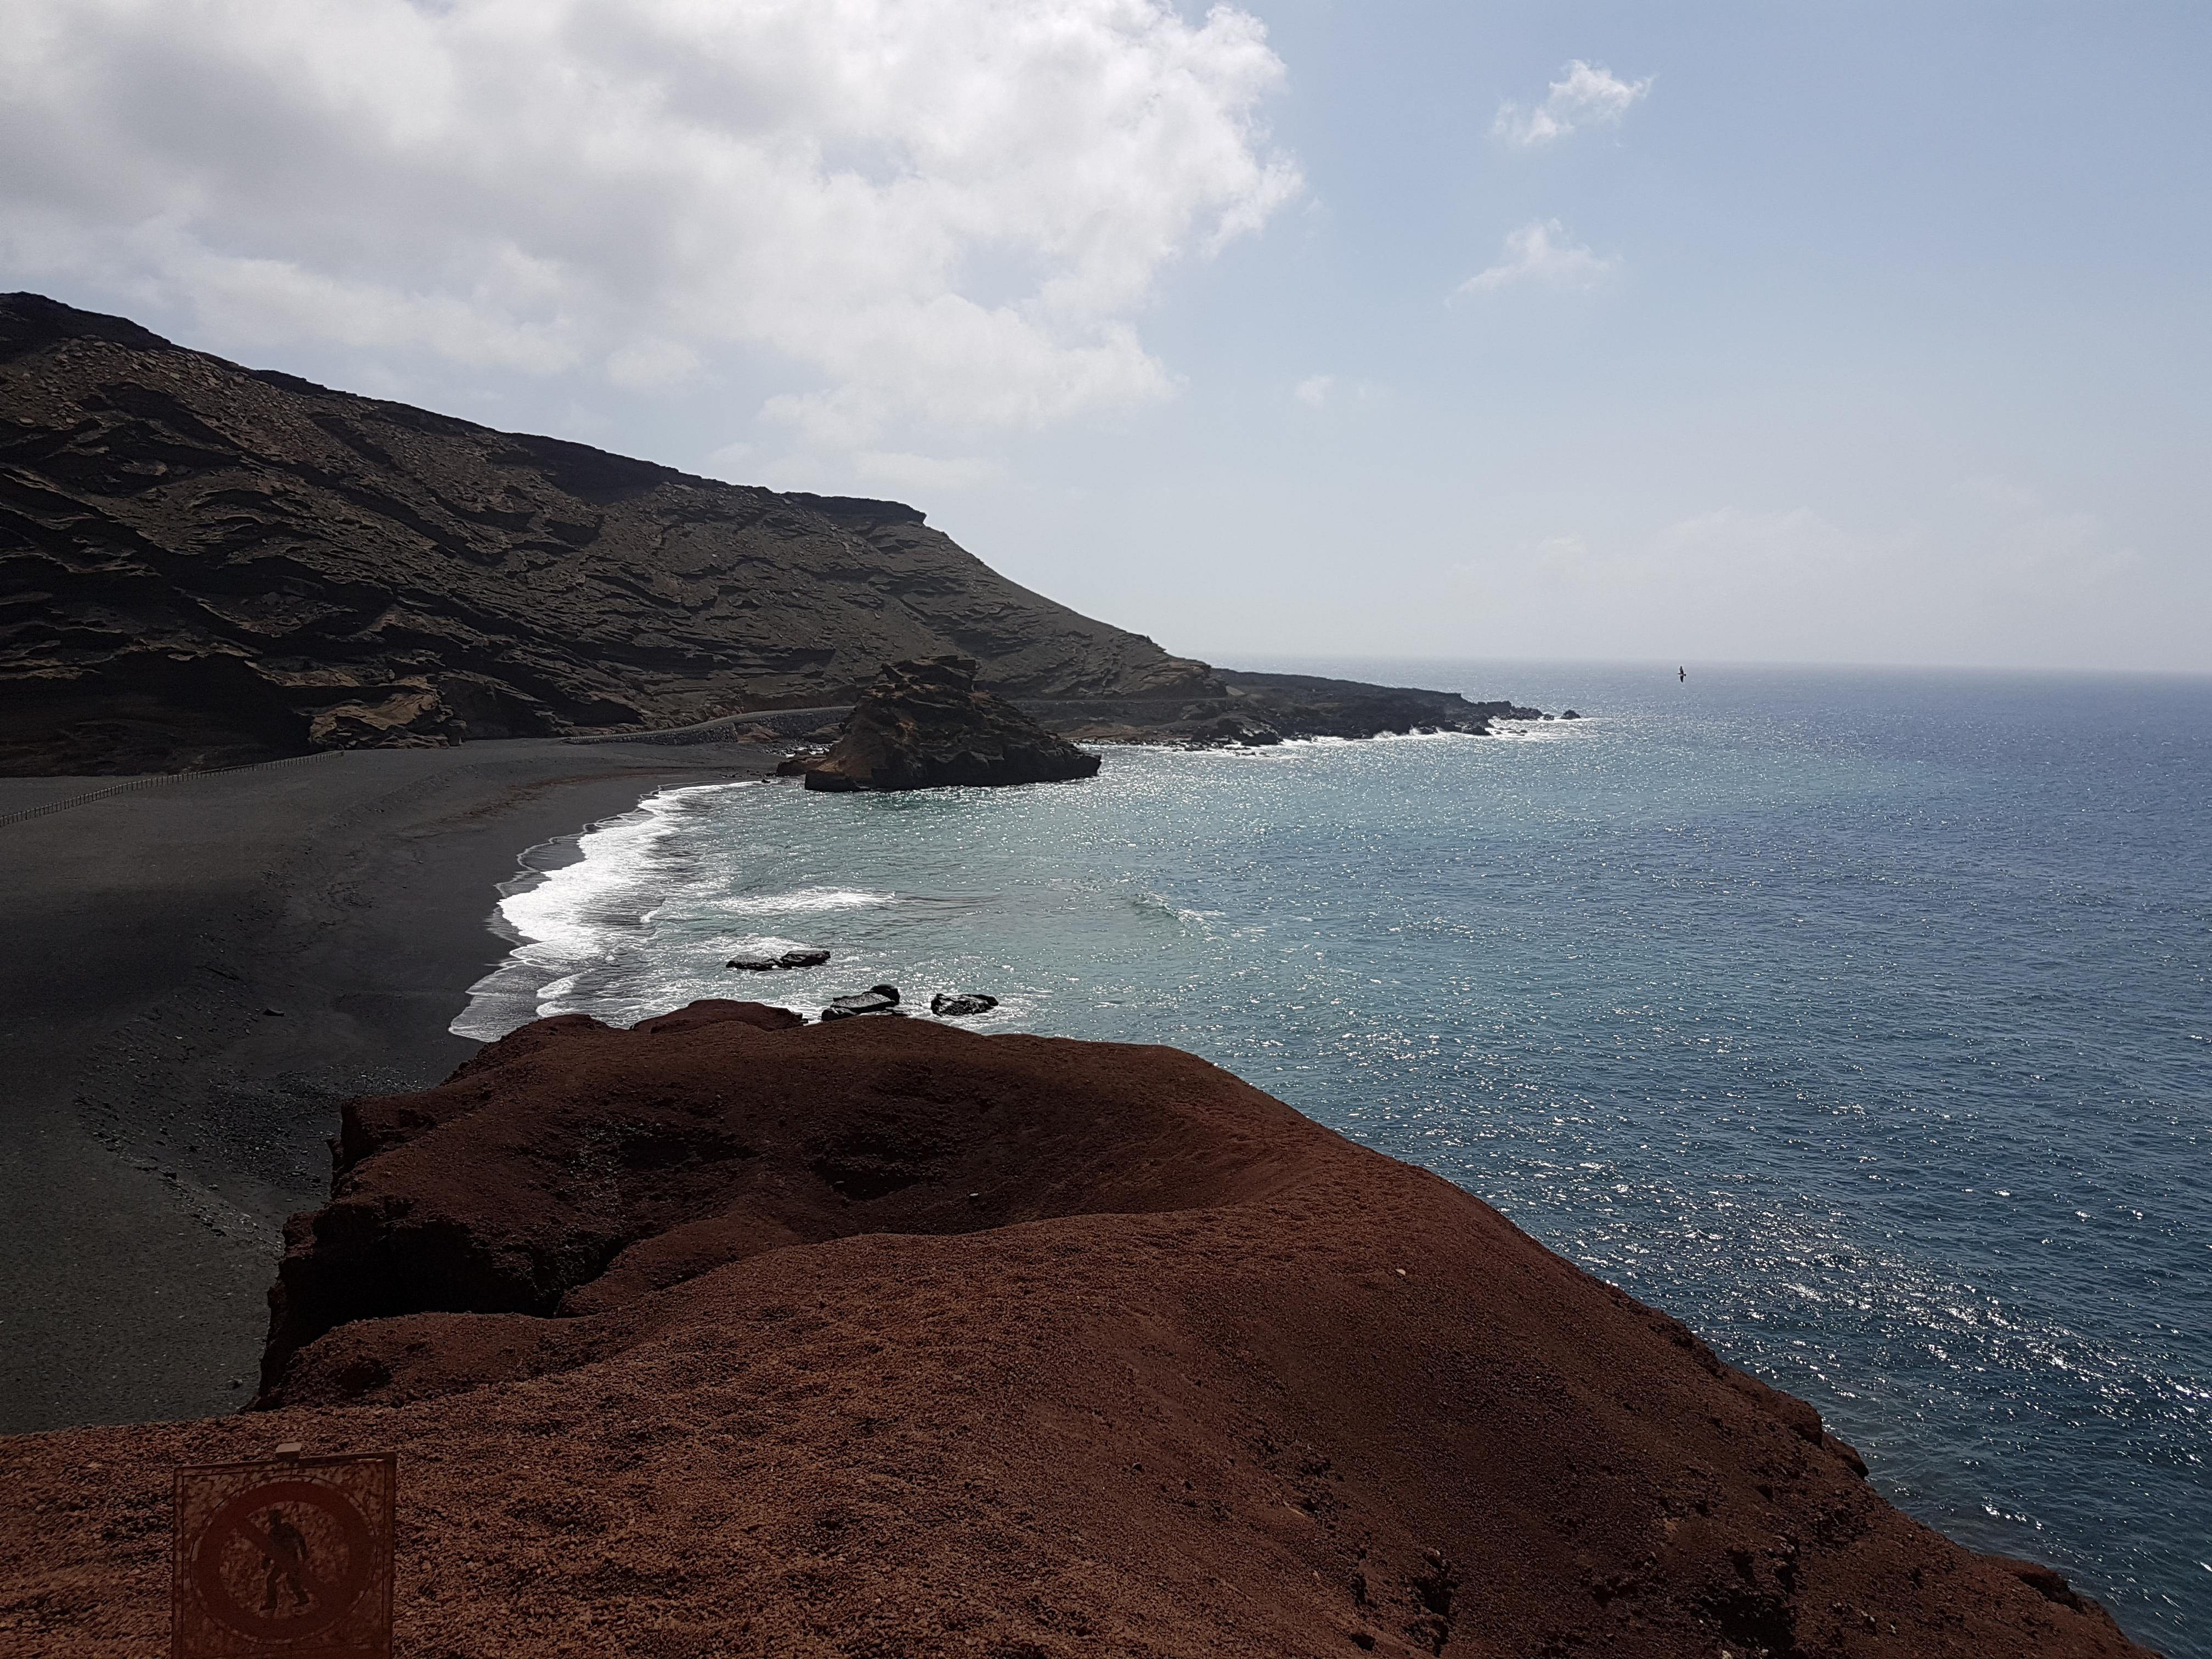 Aida Kreuzfahrt Kanaren und Madeira - Lanzarote - Küste